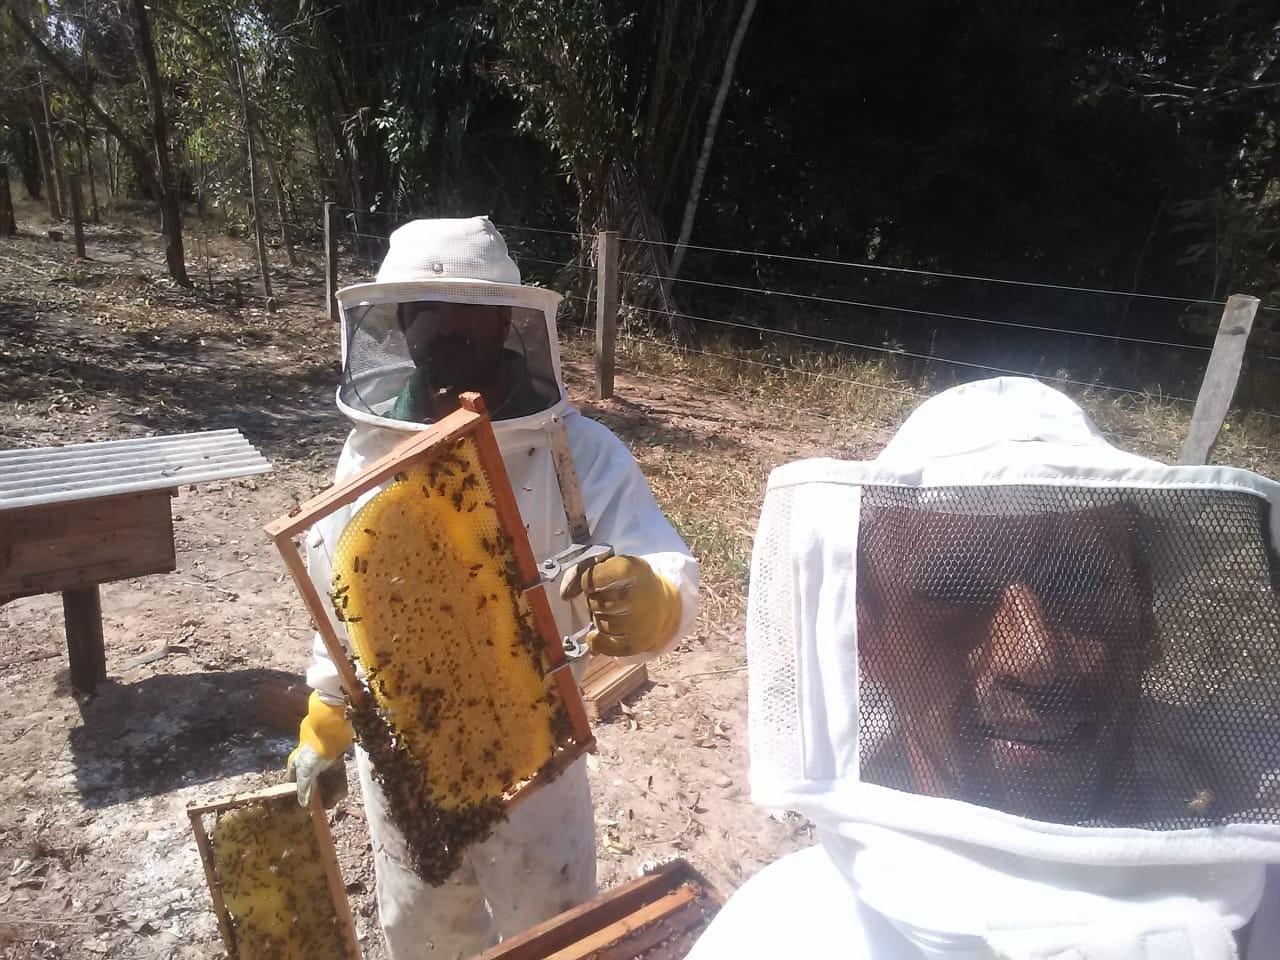 O mel das primeiras caixas de abelha é compartilhado com os colaboradores e turistas (Foto: Saulo Thomas/ONF Brasil)